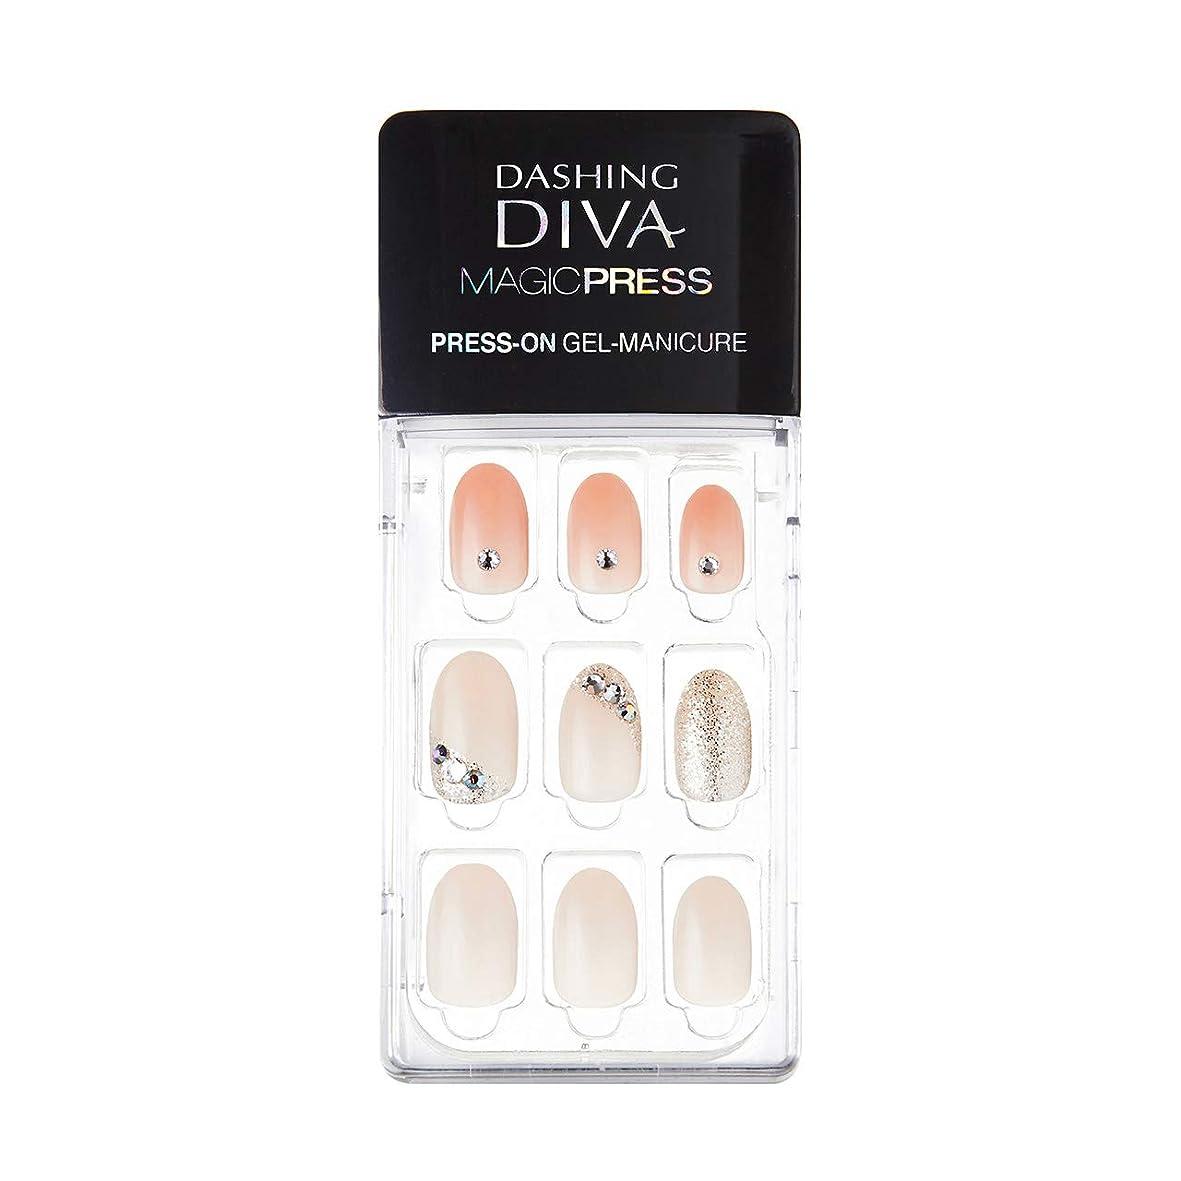 見せますナイトスポット荷物ダッシングディバ マジックプレス DASHING DIVA MagicPress MJP_035-DURY+ オリジナルジェル ネイルチップPurity Jewel